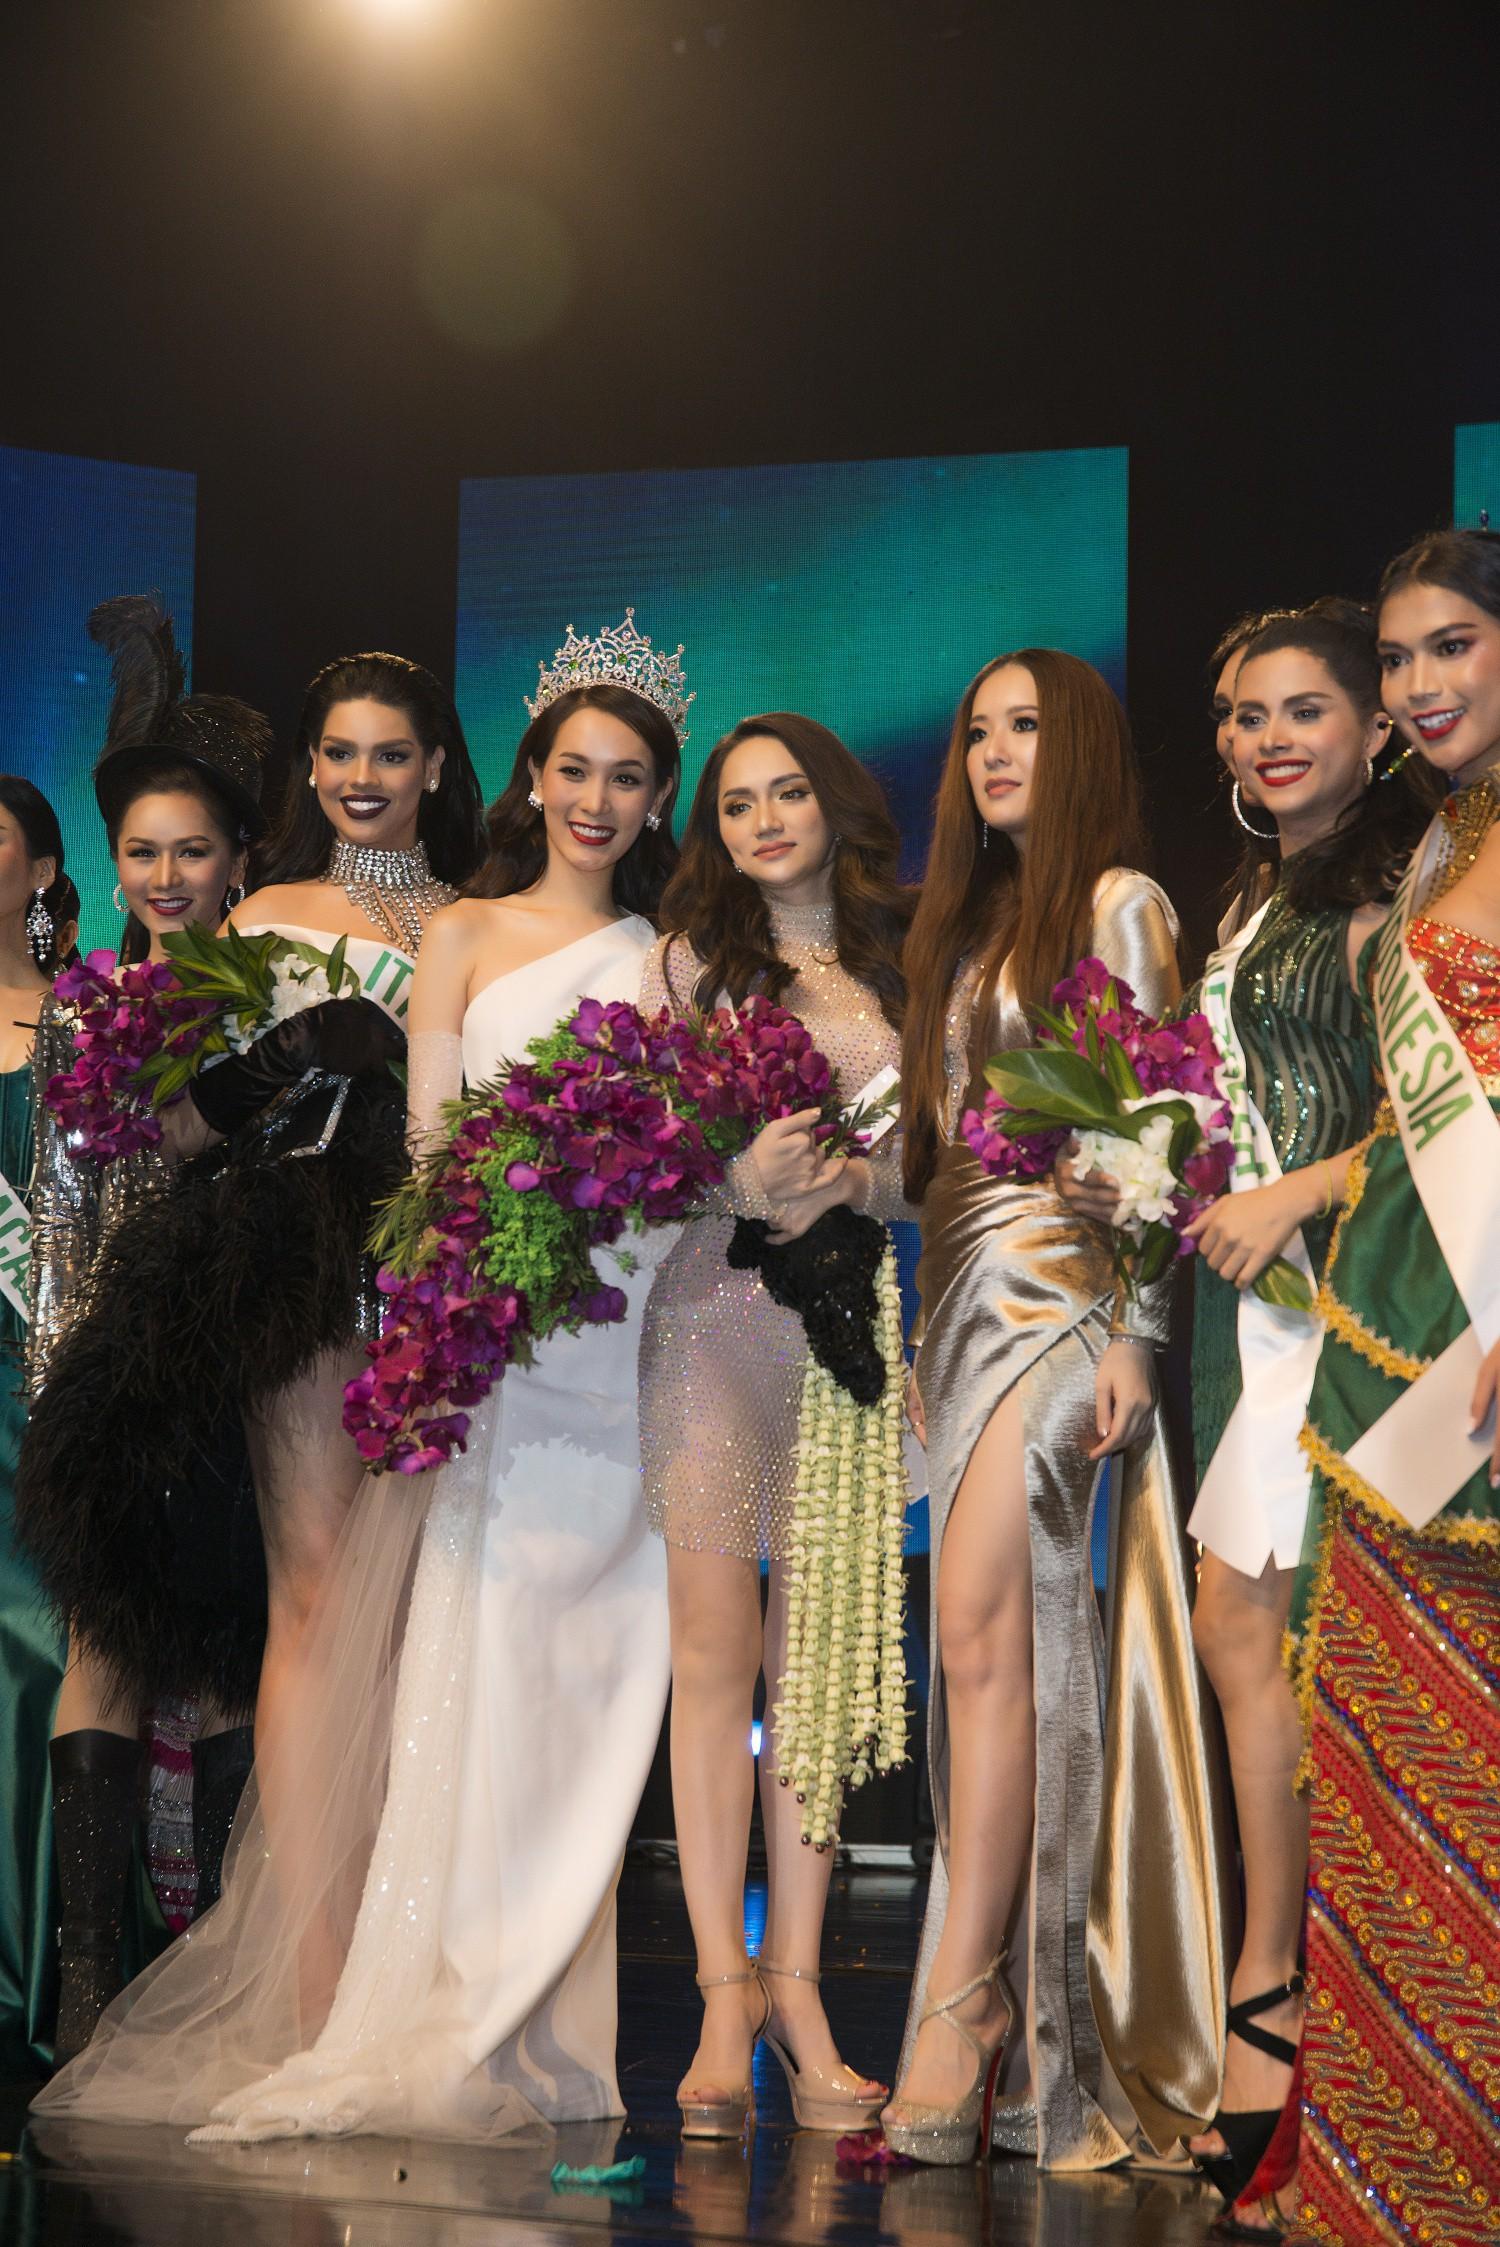 Hương Giang xuất sắc chiến thắng giải Tài năng tại Hoa hậu Chuyển giới casino o viet nam 2018 - Ảnh 2.